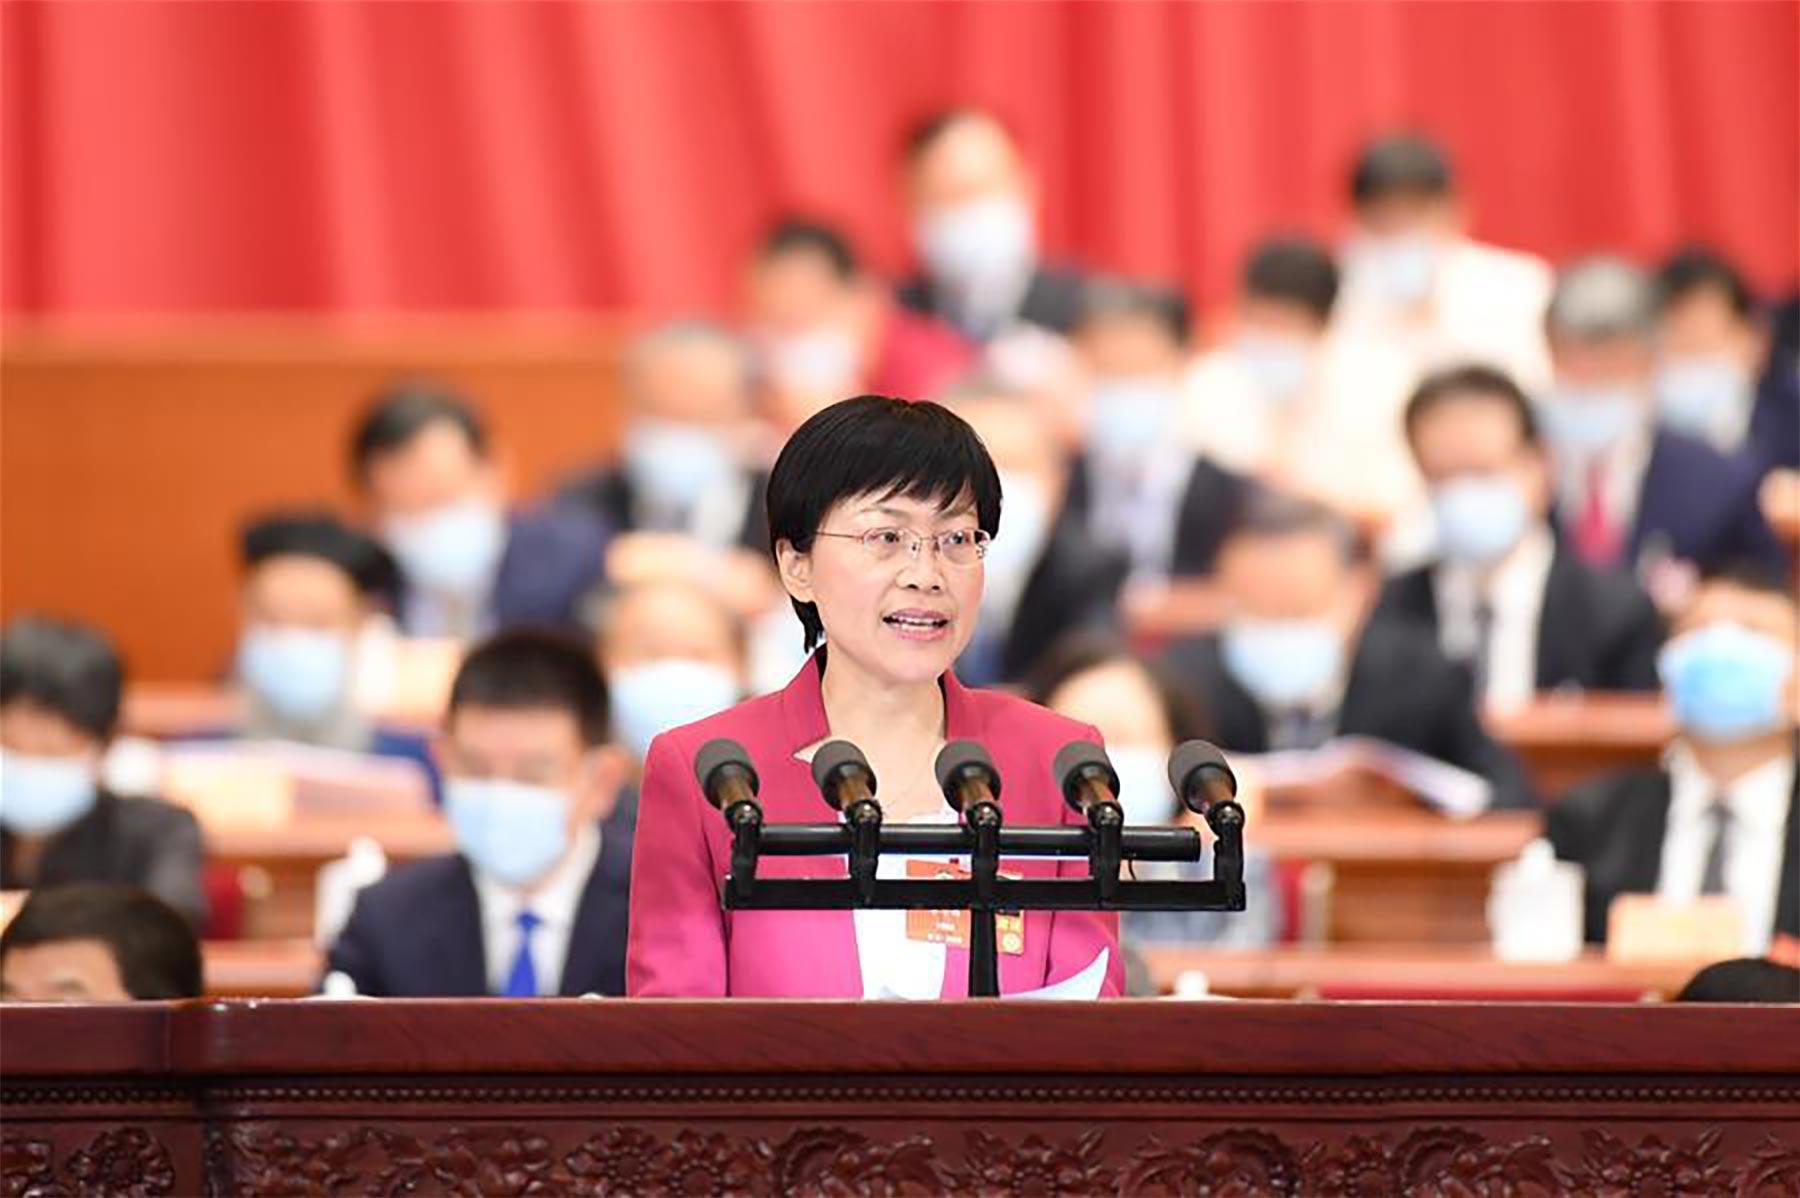 李学梅委员作大会发言。 新华社记者 刘彬 摄